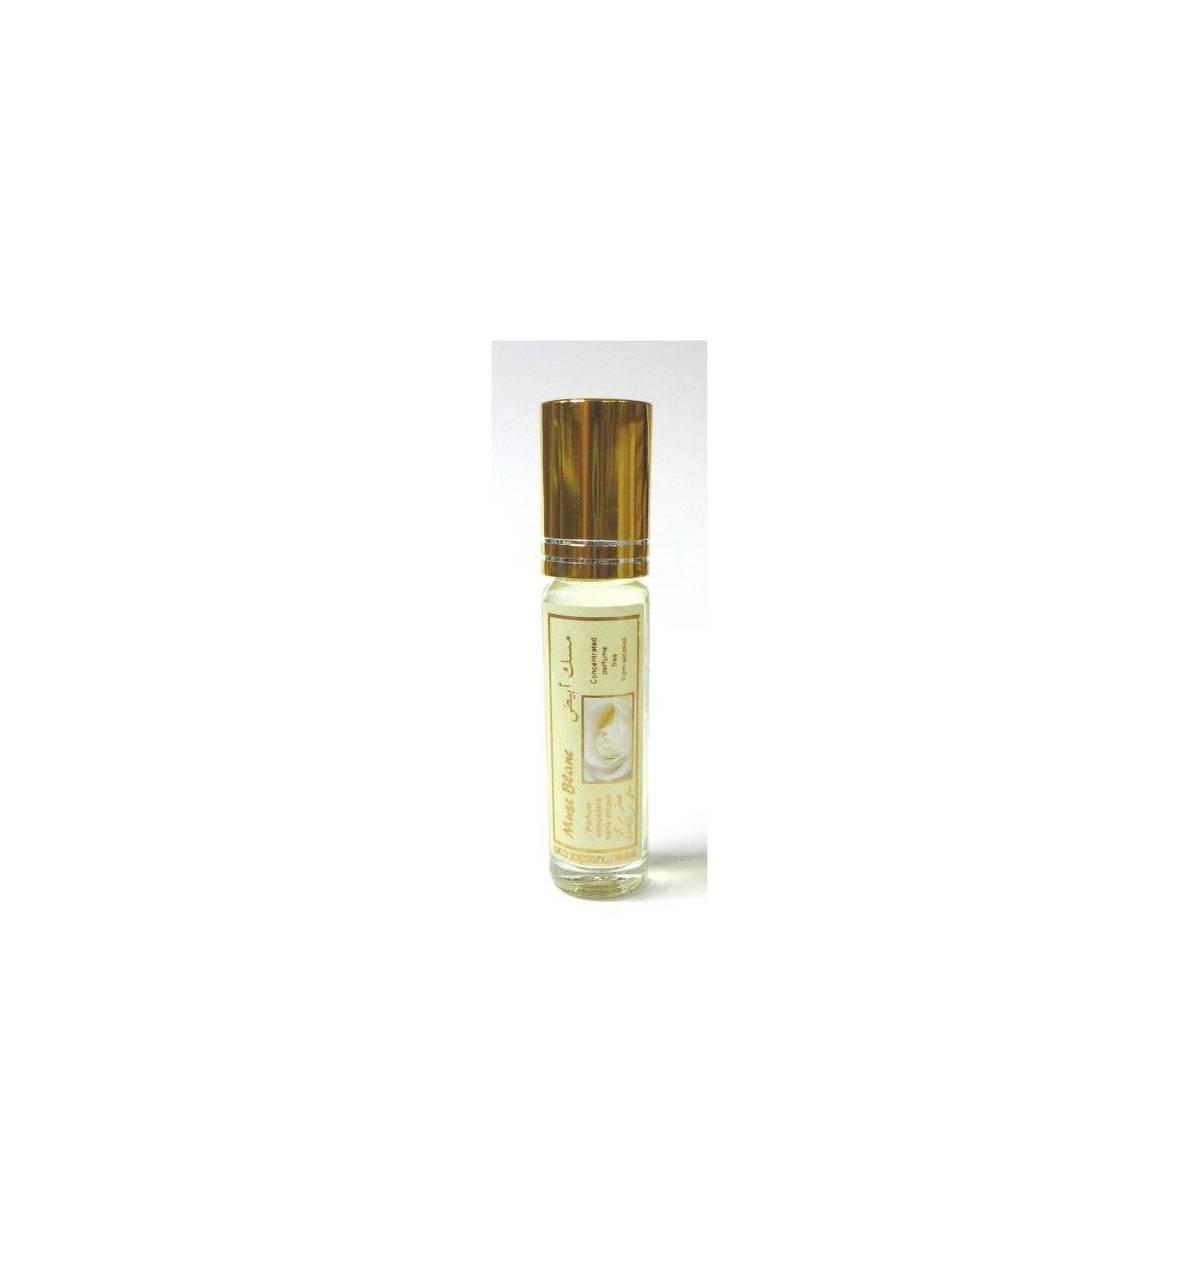 parfum concentr sans alcool musc d 39 or musc blanc 8 ml mixte bismillah boutique. Black Bedroom Furniture Sets. Home Design Ideas